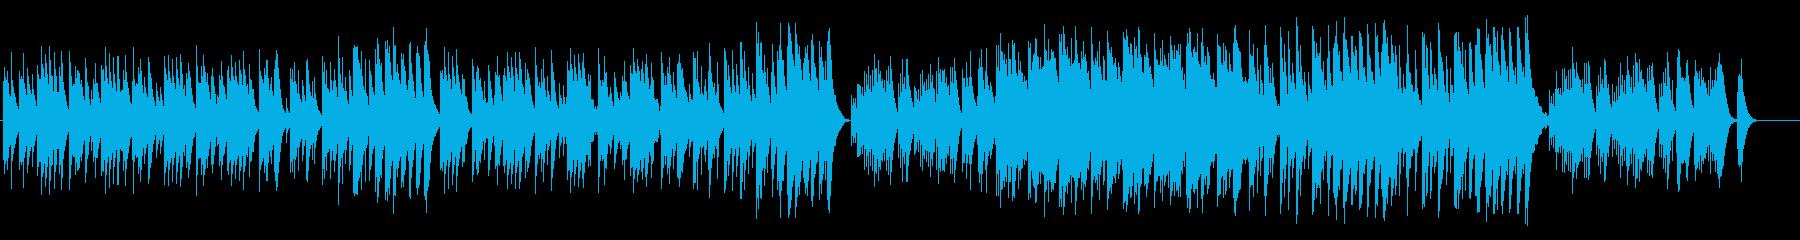 オルゴール 子供の寝顔 メルヘン 星空の再生済みの波形